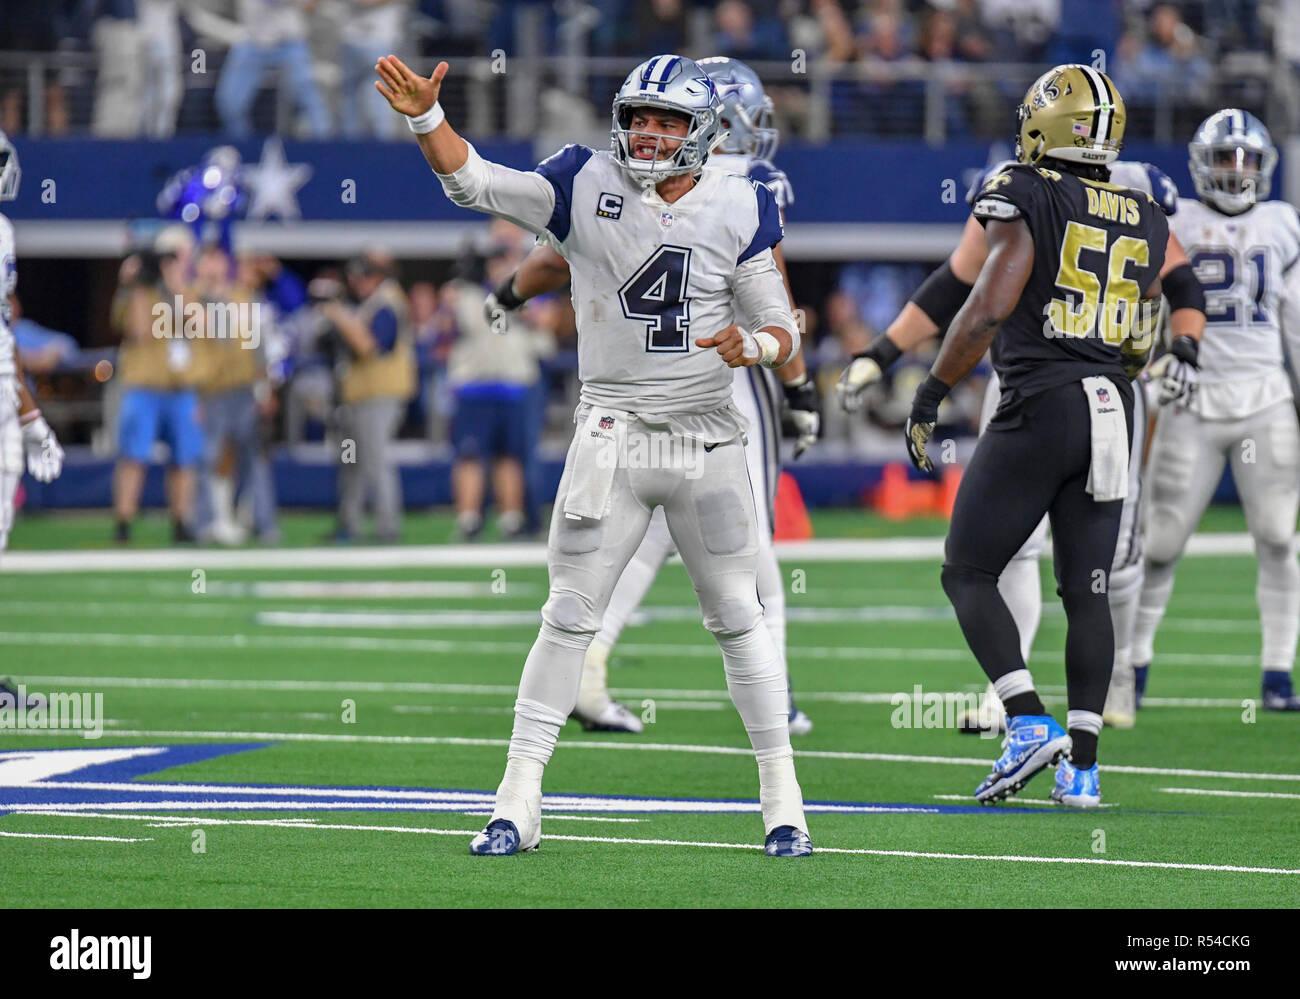 3627e0d13 November 29, 2018: Dallas Cowboys quarterback Dak Prescott #4 celebrates  after he scrambles